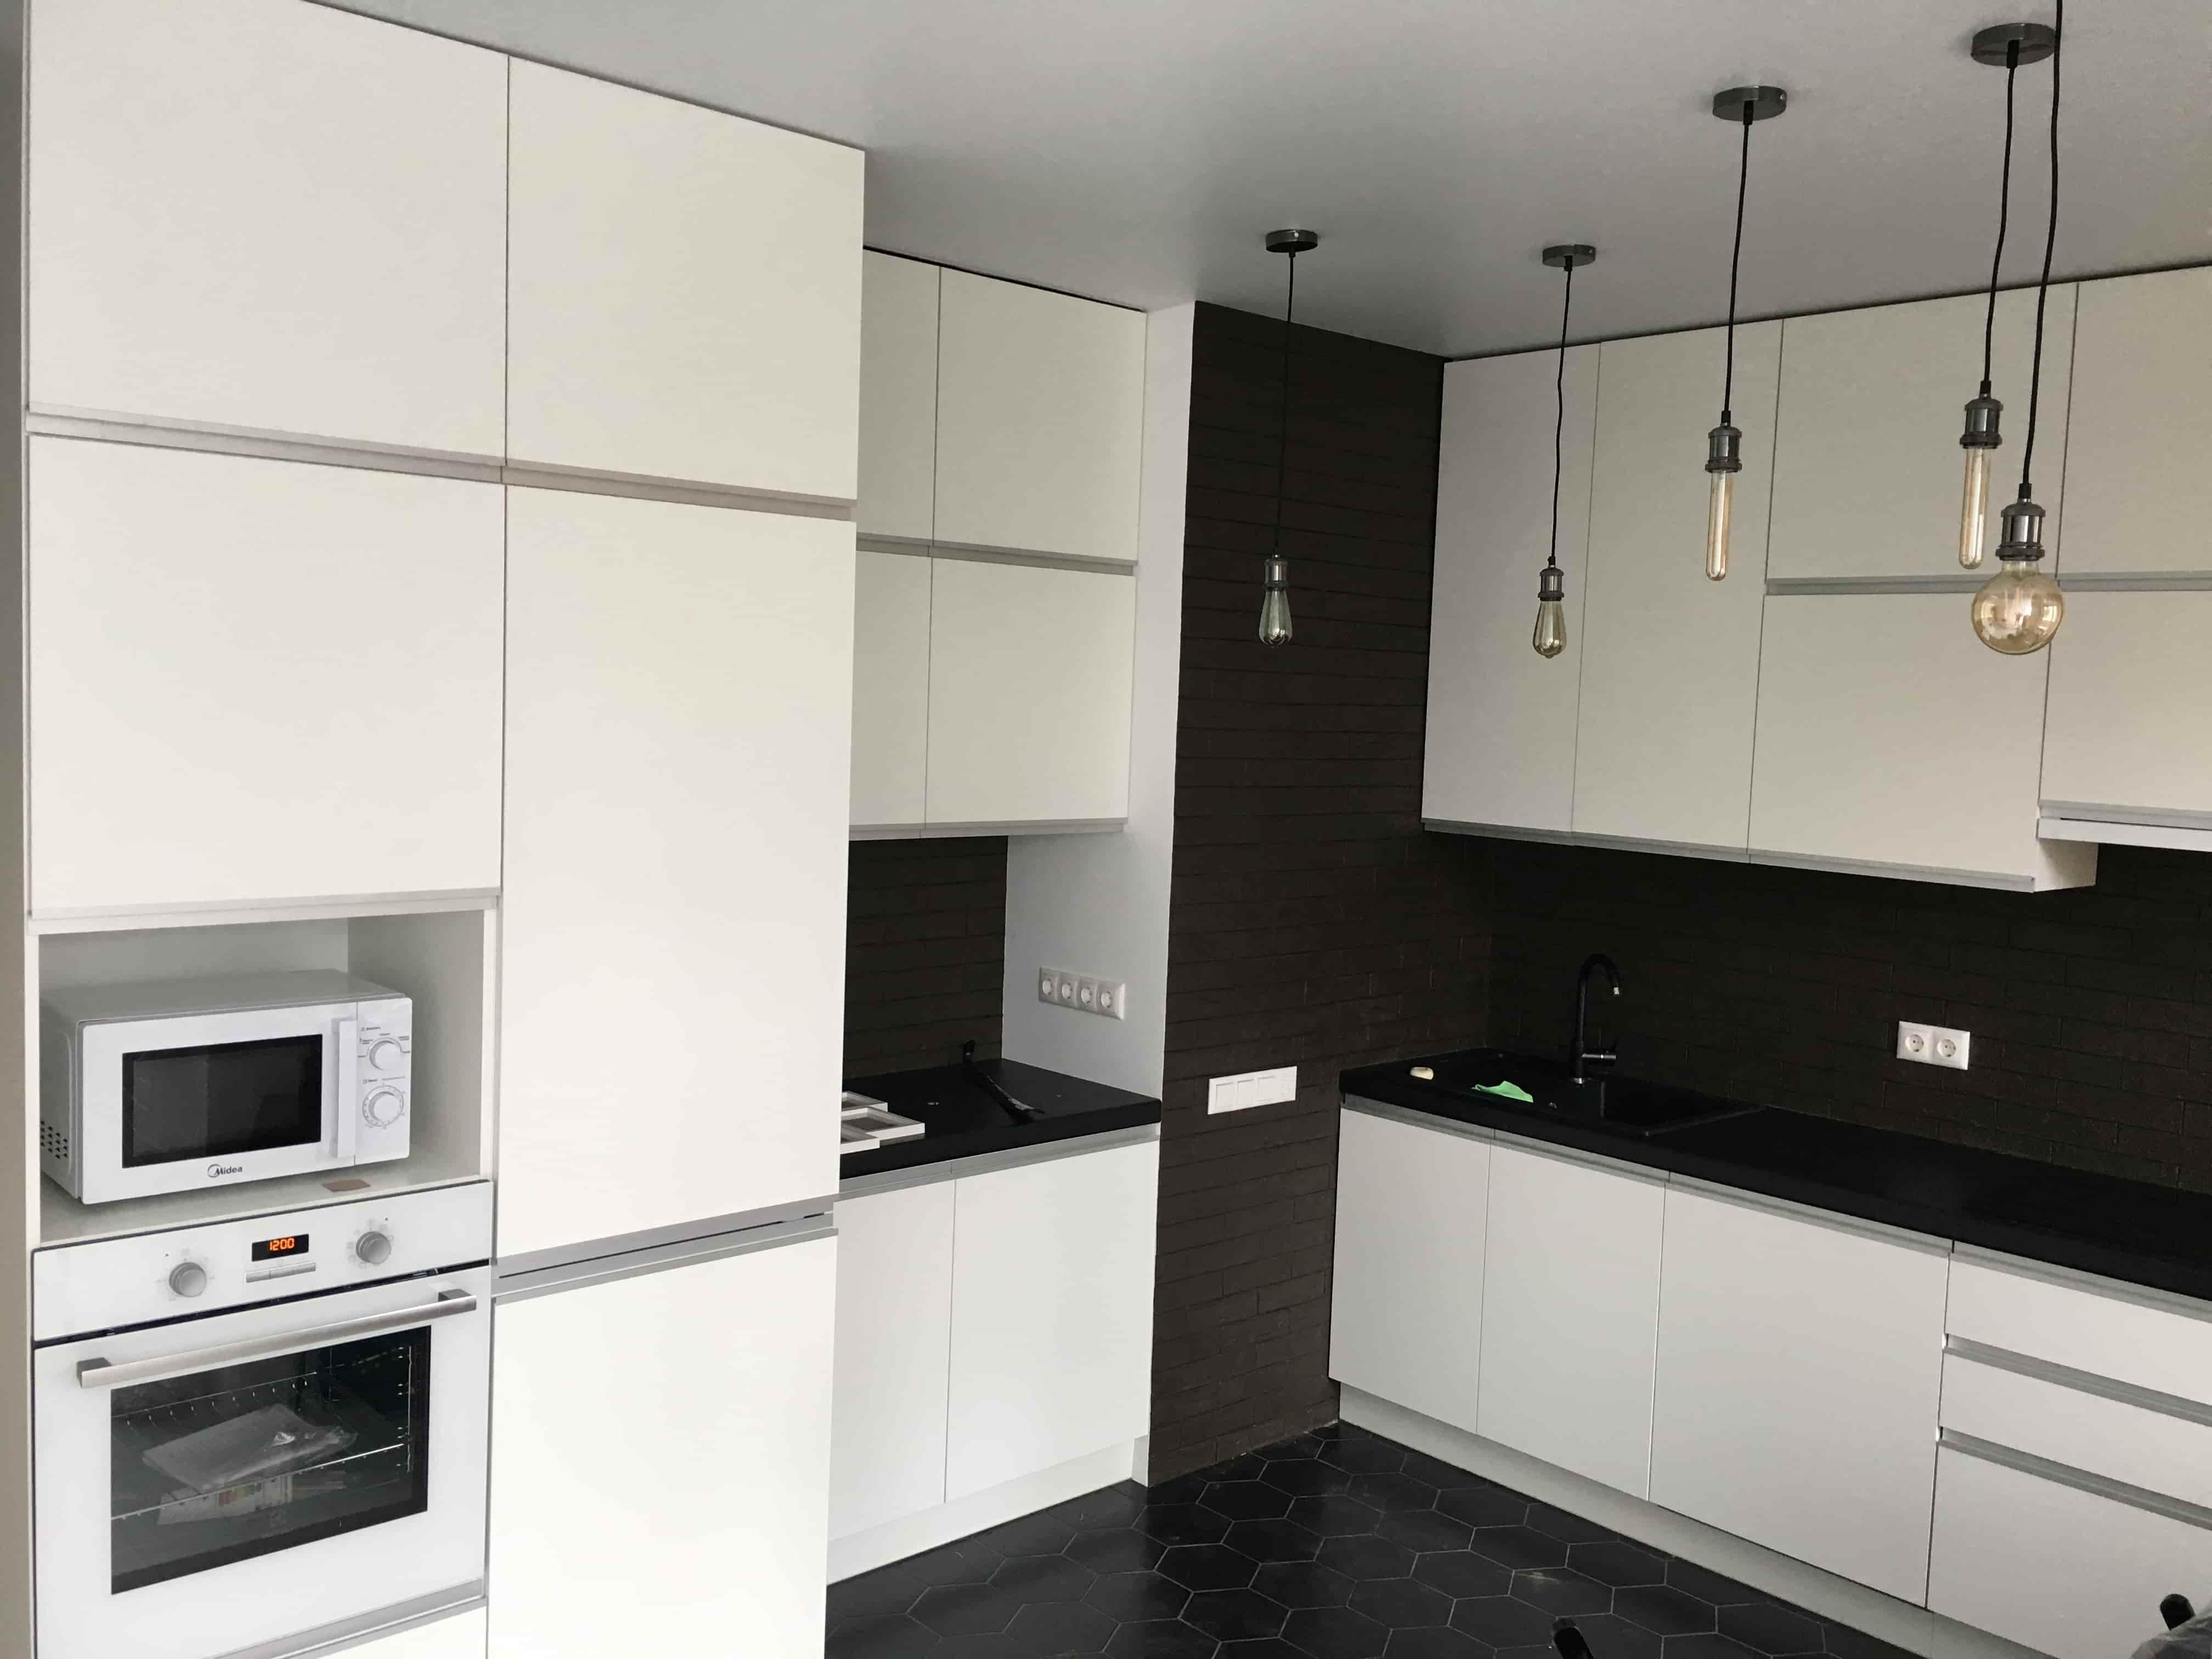 Кухня с акриловыми фасадами и врезными ручками